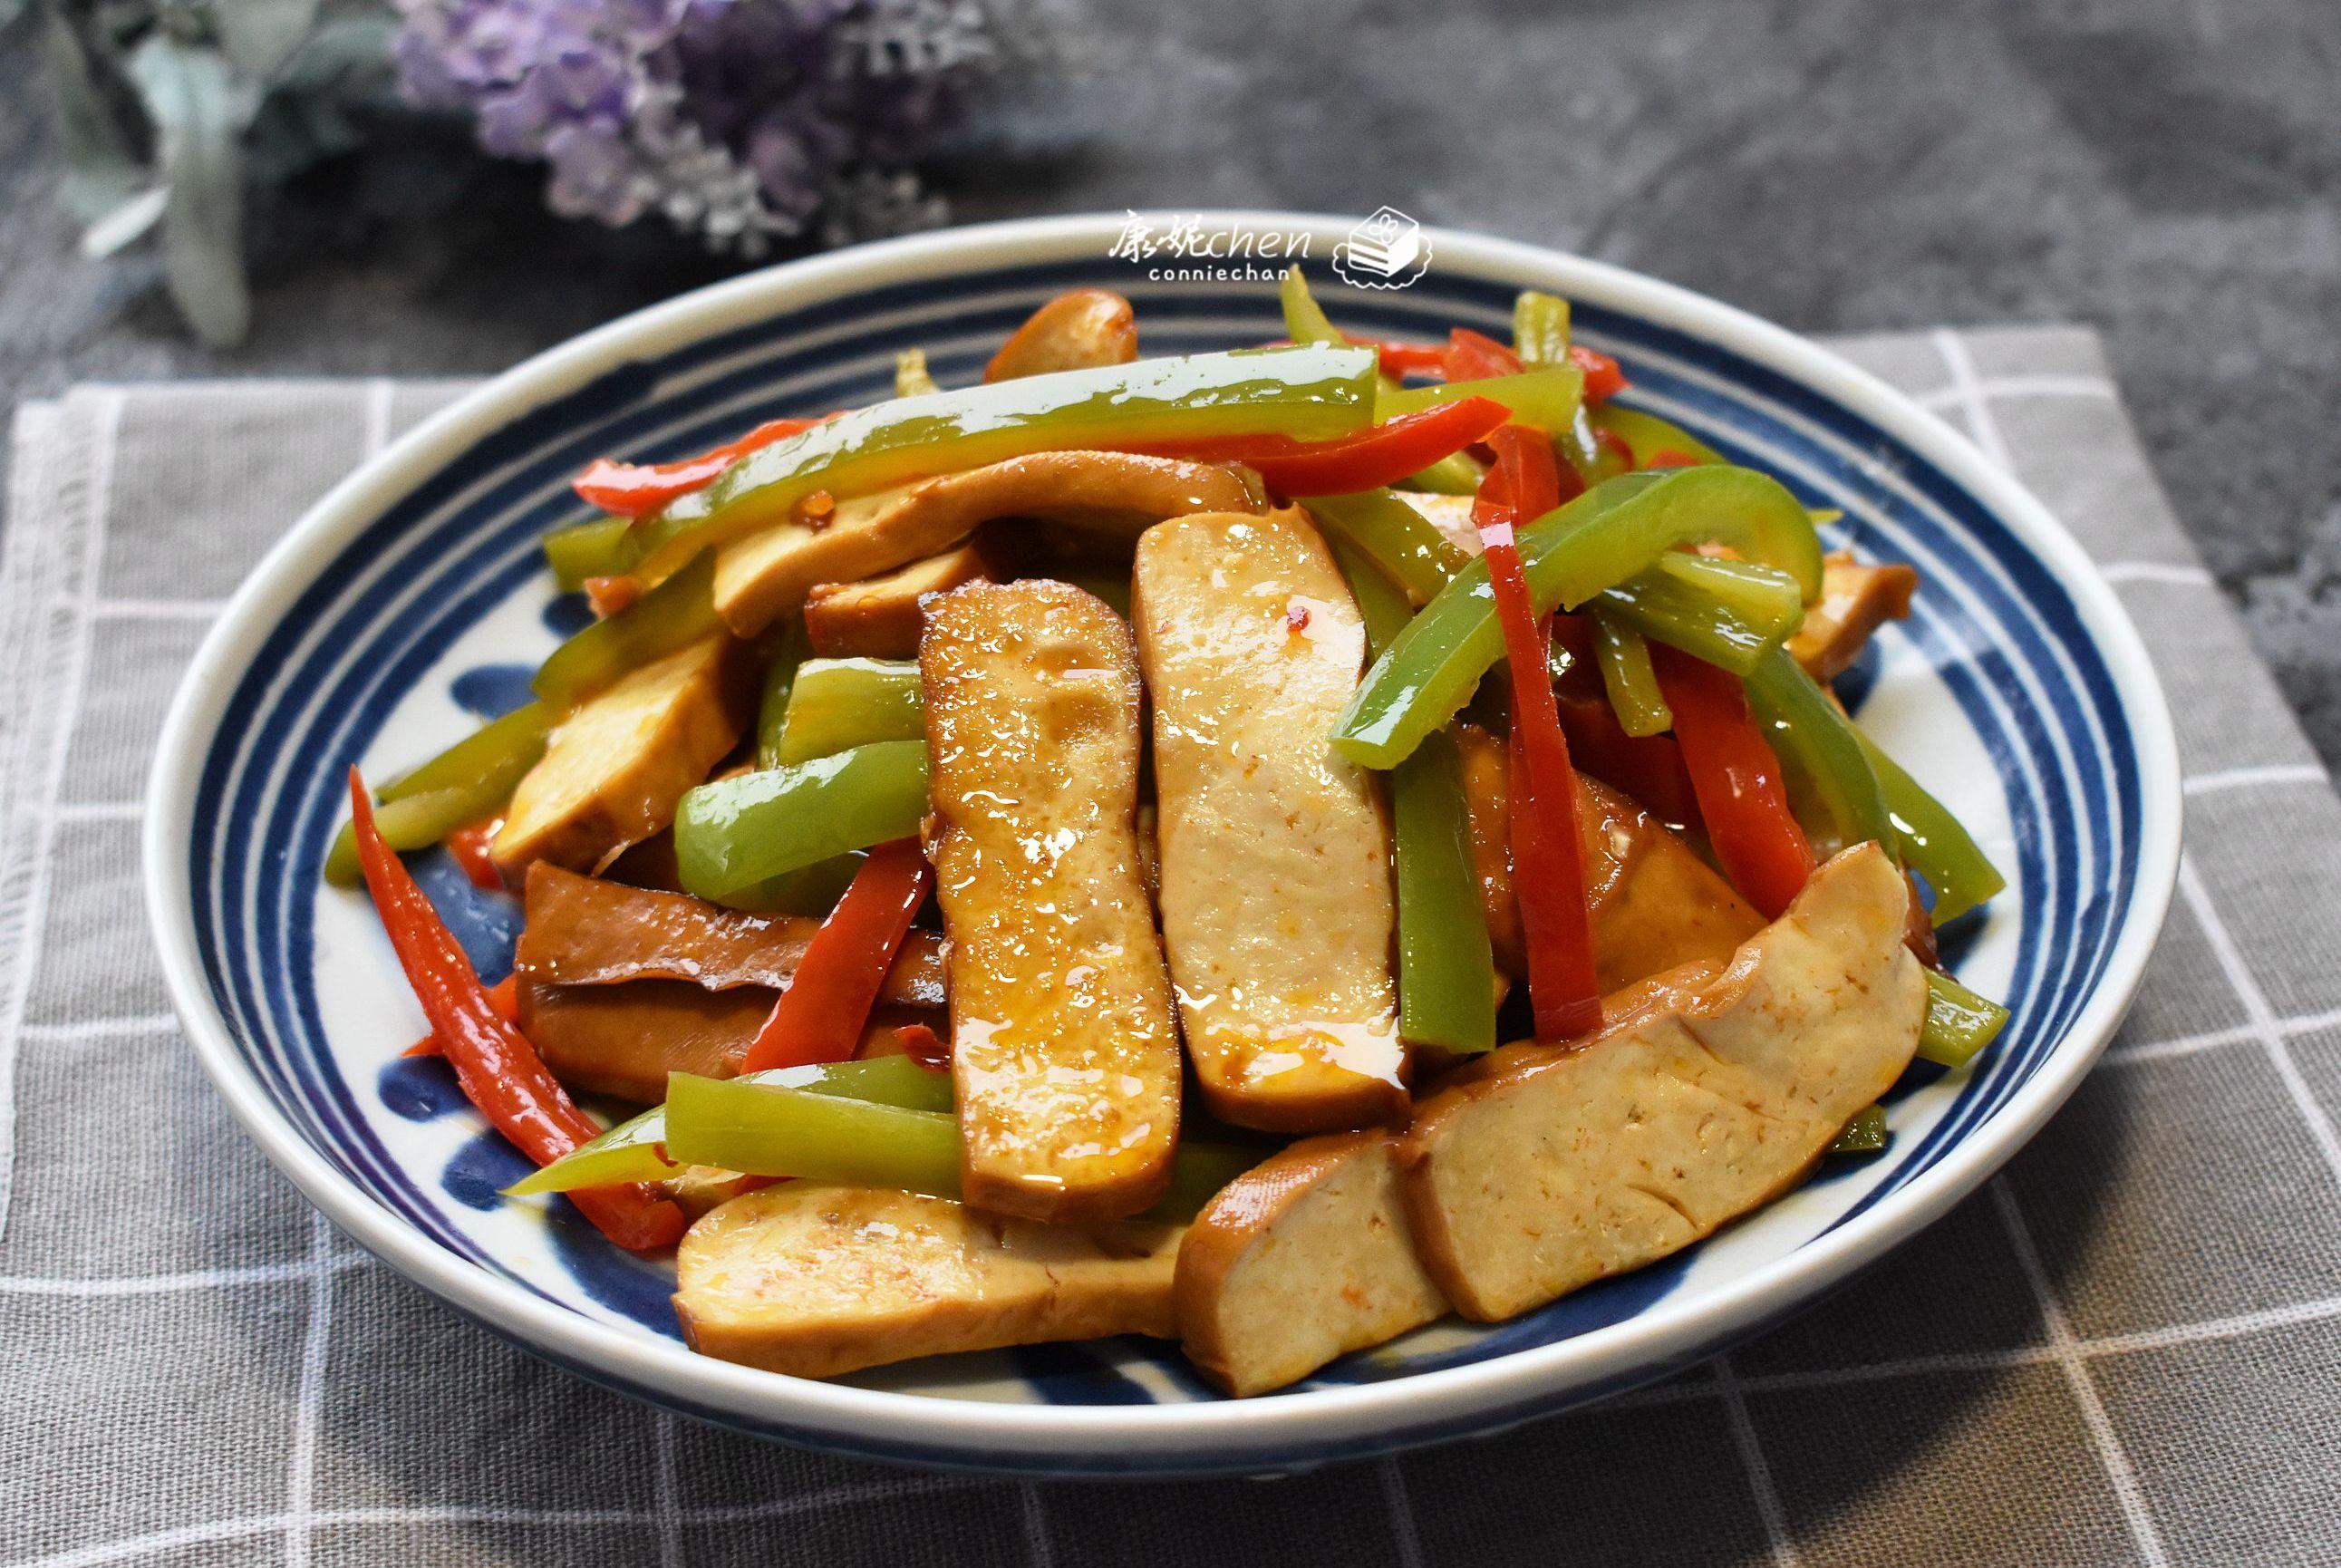 这菜只用了普通两样食材,做法简单,鲜香开胃,吃了3天还没吃够